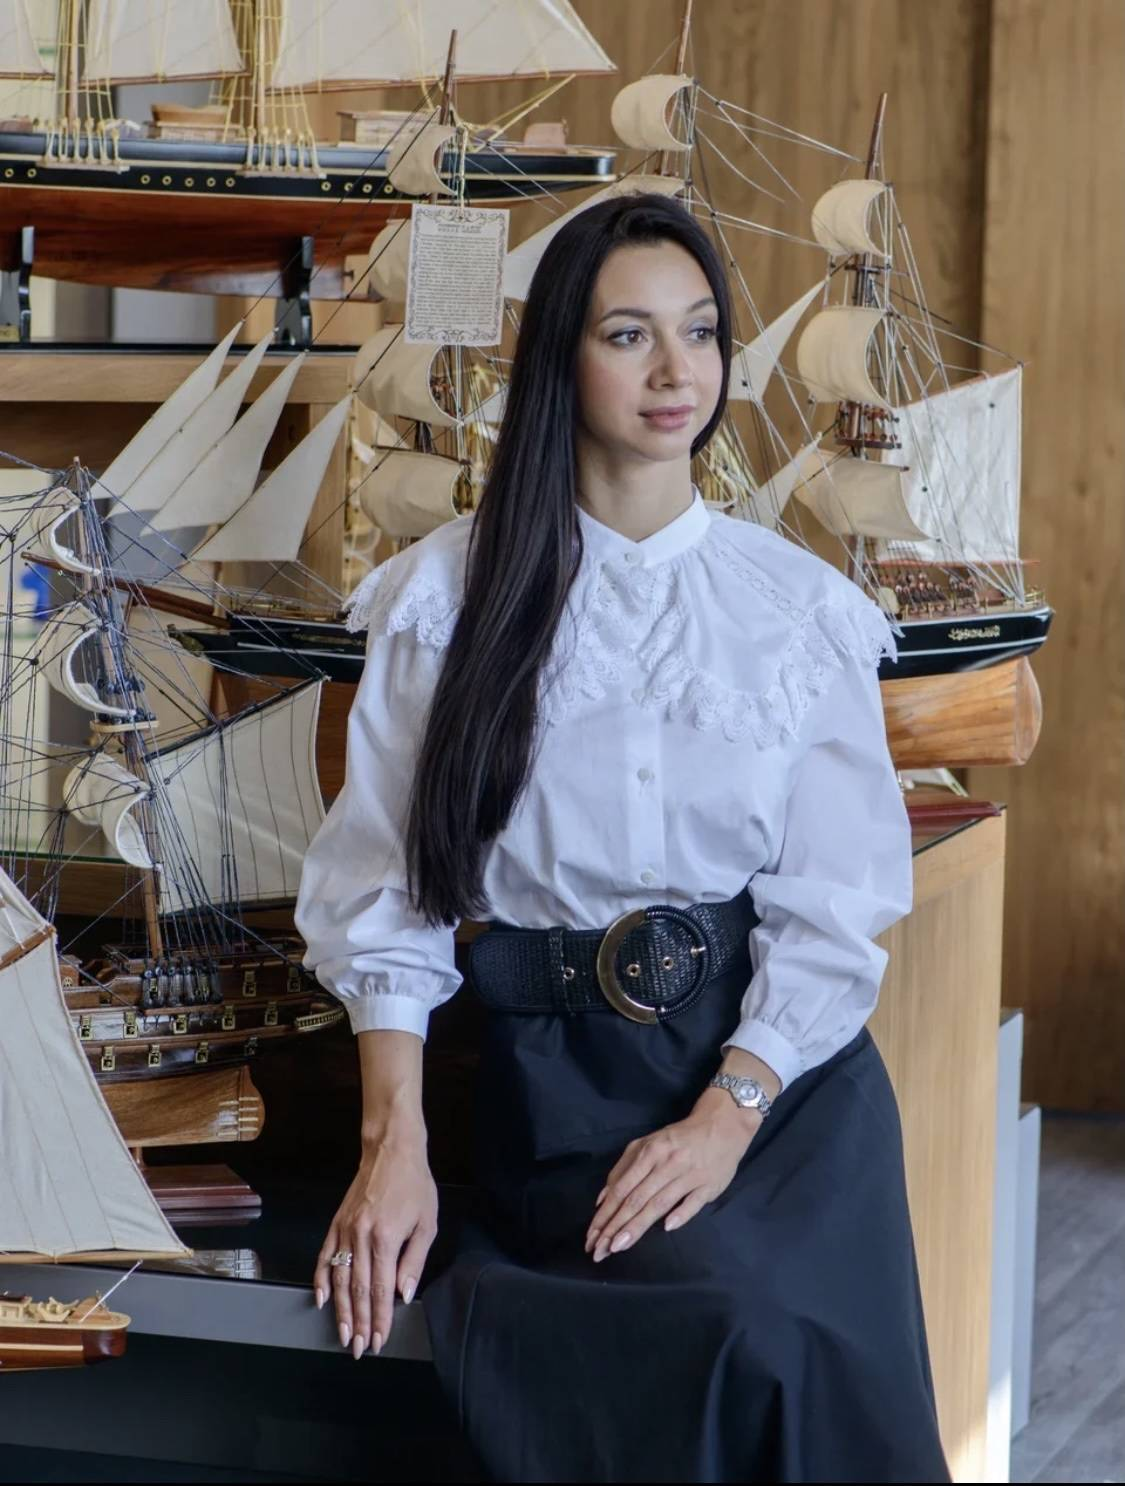 Адвокат Инна Сергуняева - о защите интеллектуальной собственности